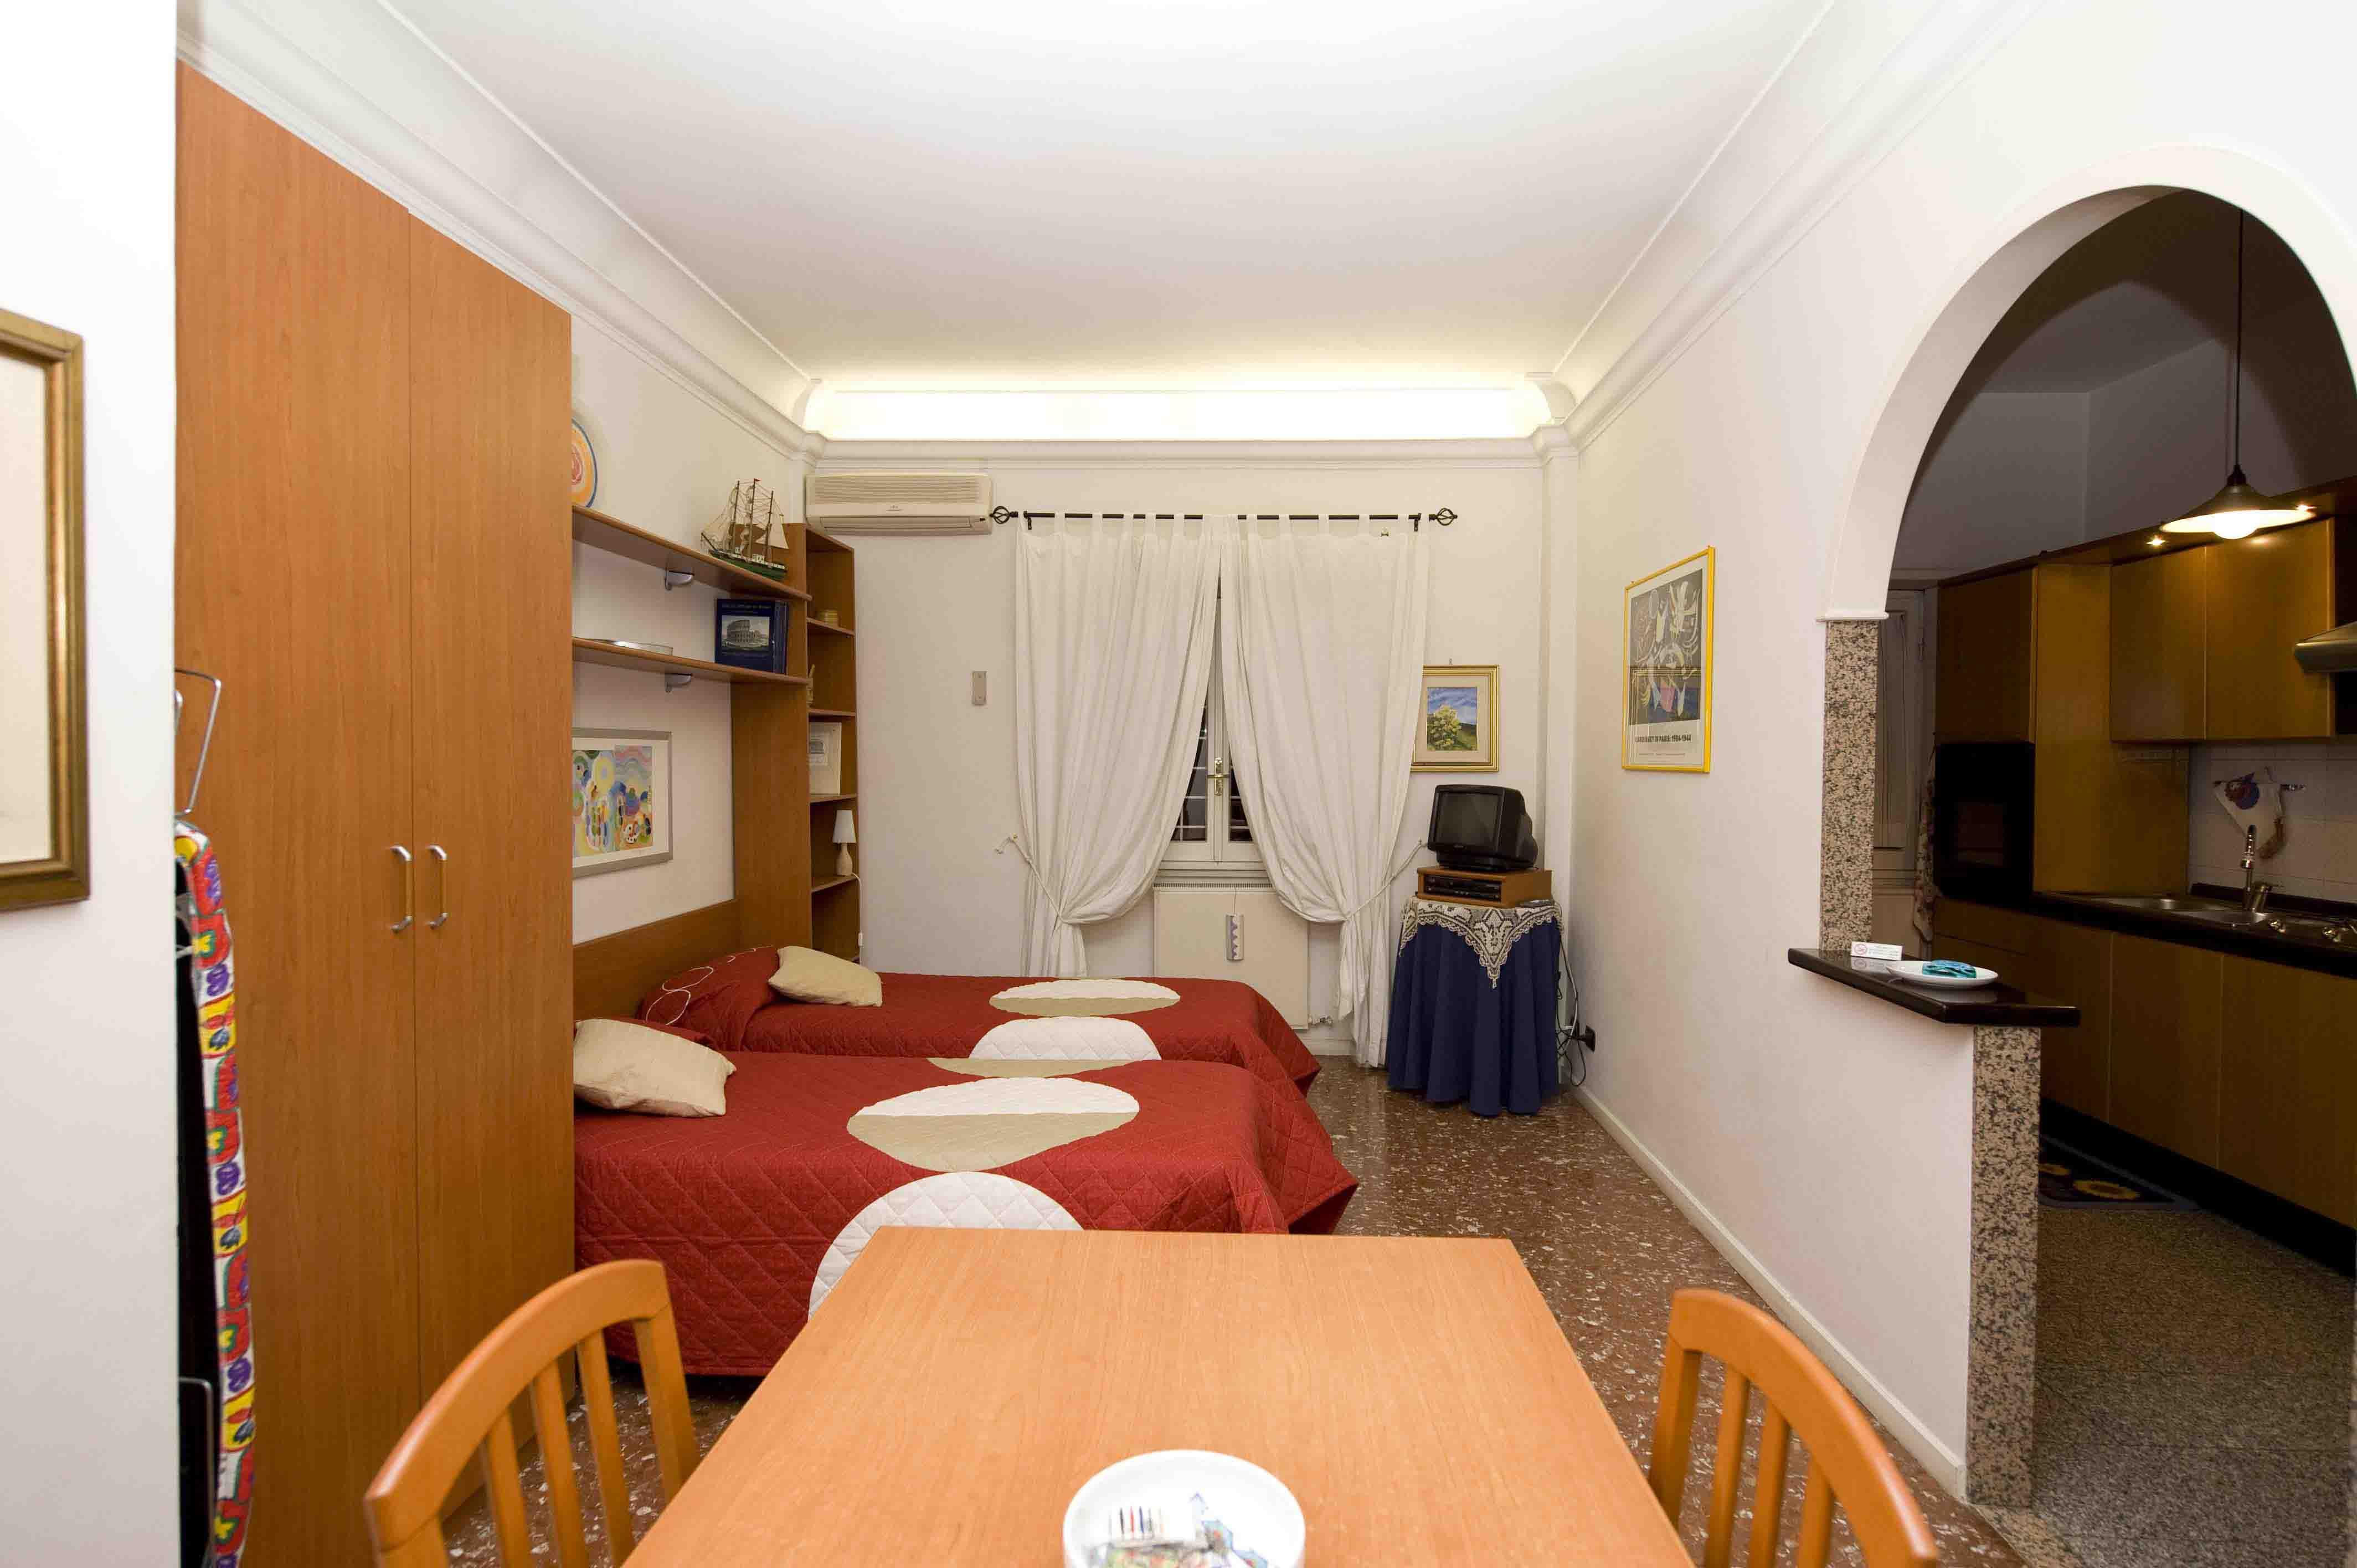 affitto appartamento citta roma 41 (20110411200443-2011-19178-NDP.jpg)